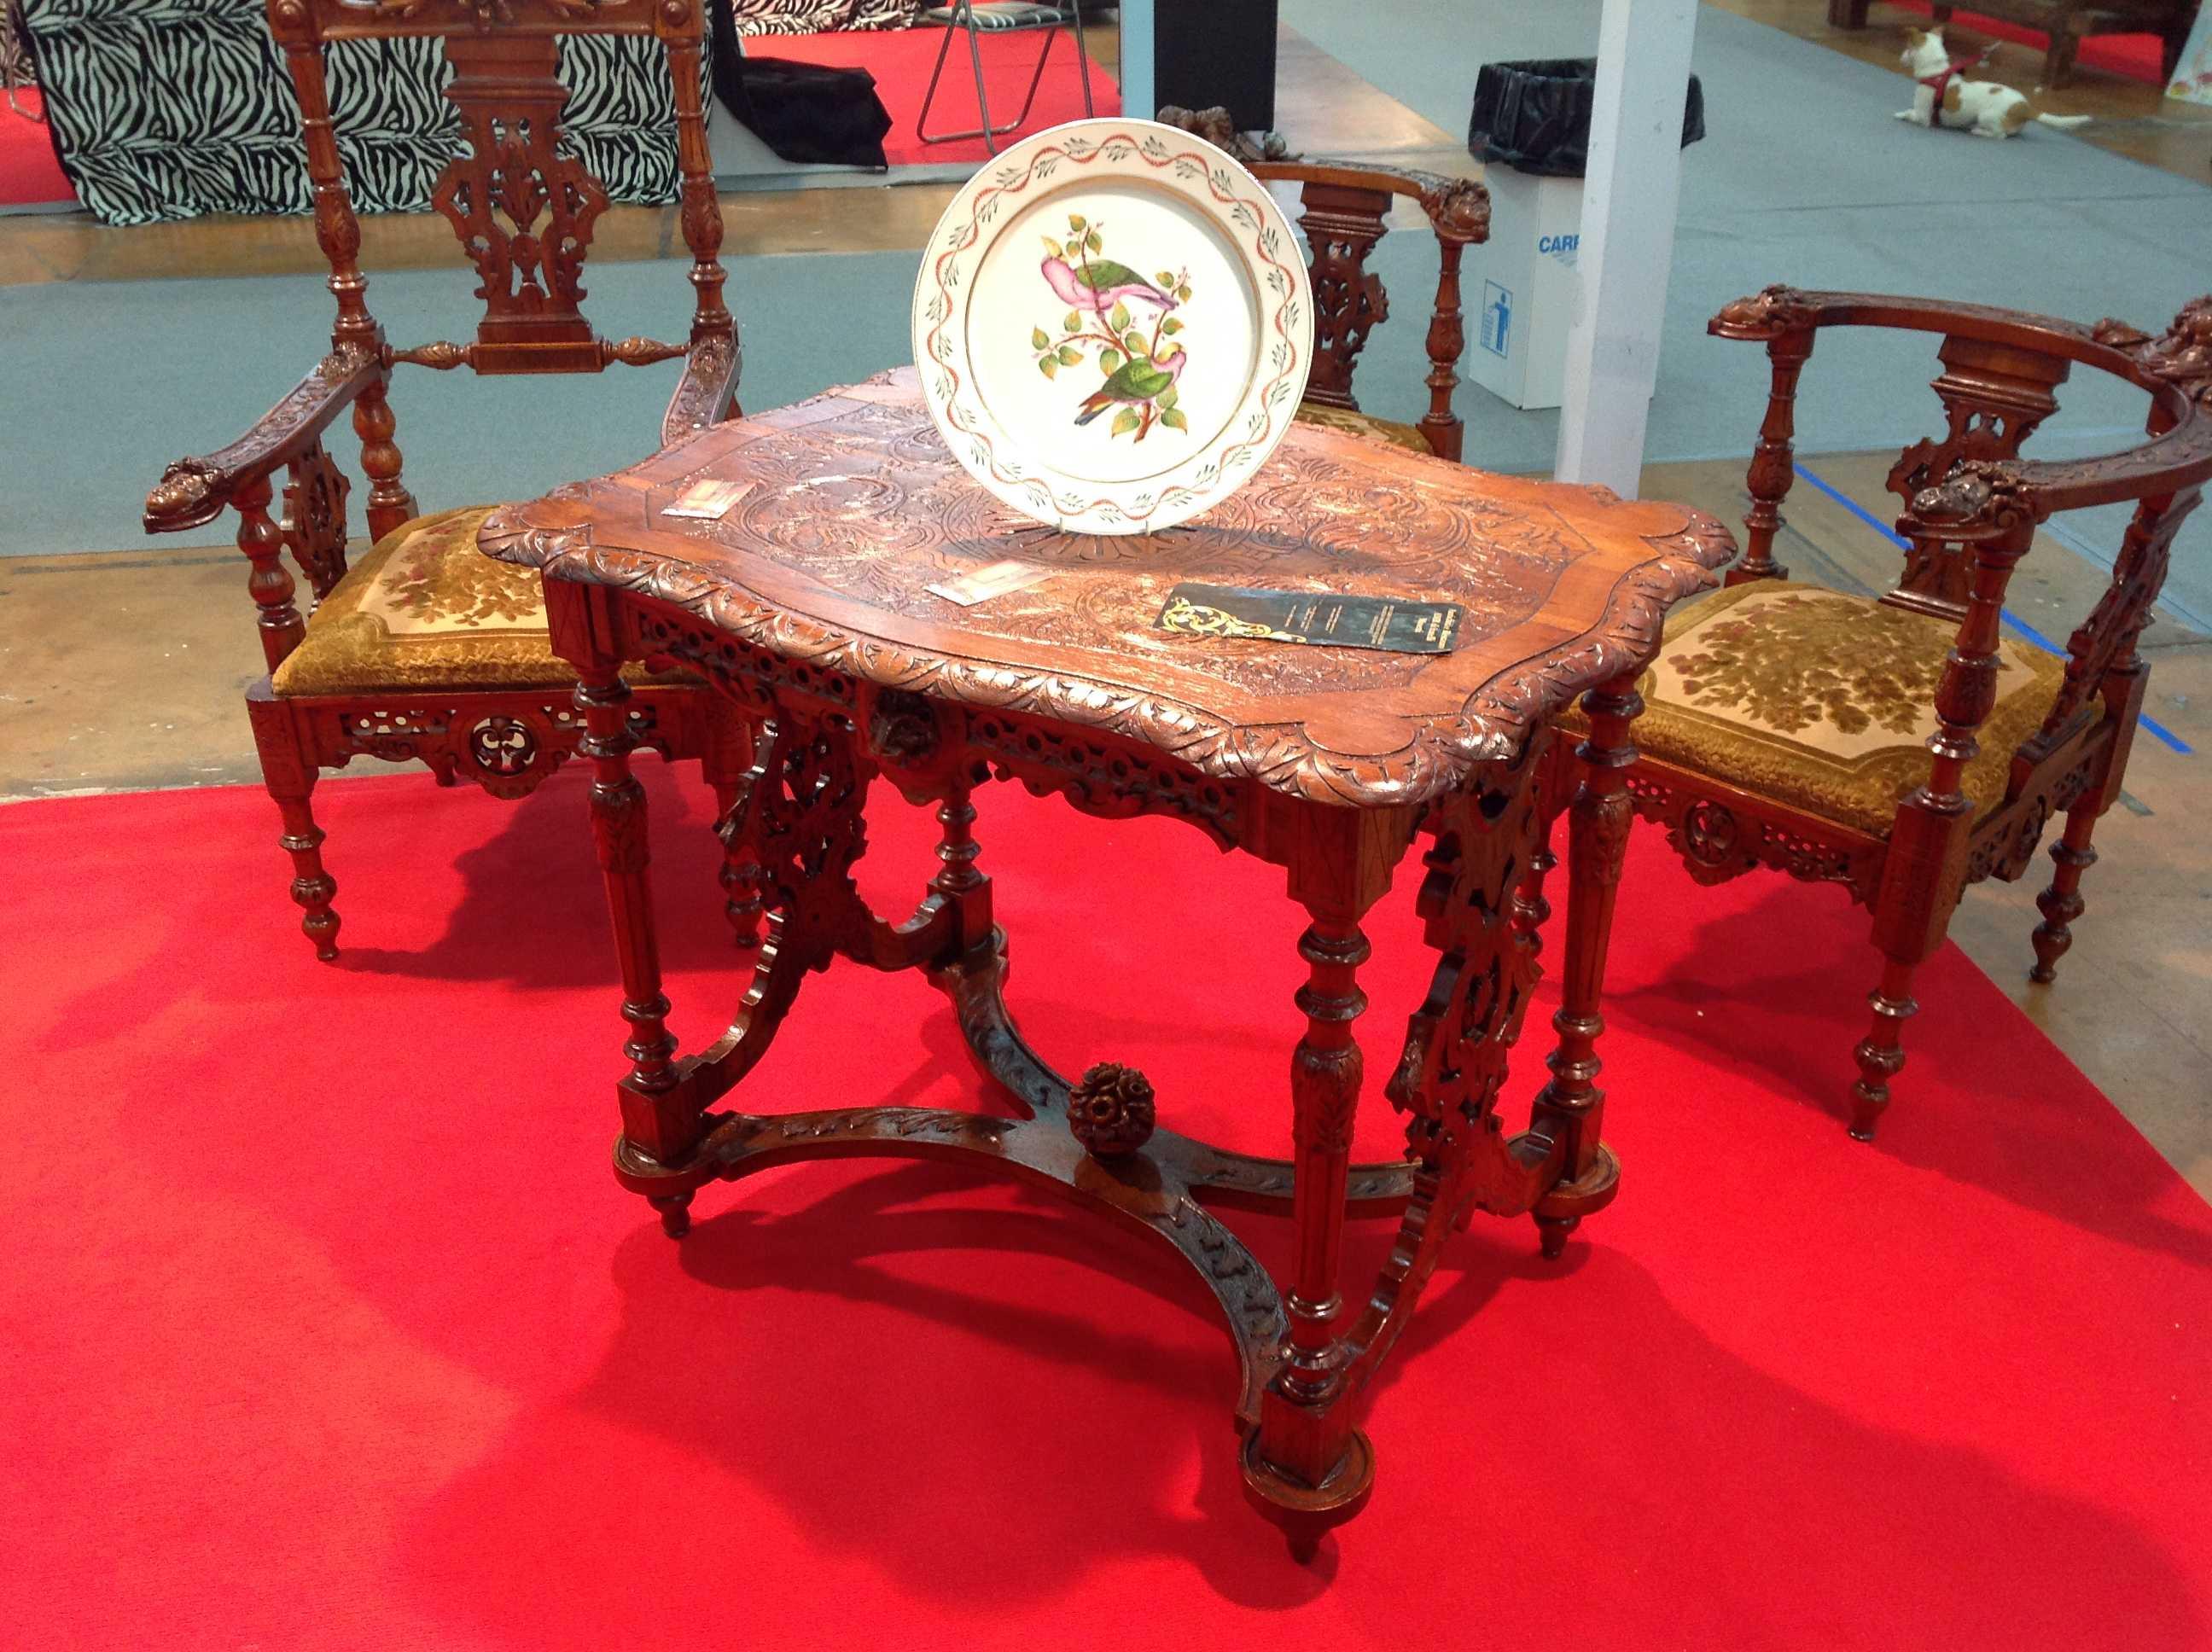 Tavolino stile eclettico arredamento mobili antiquariato for Arredamento stile eclettico